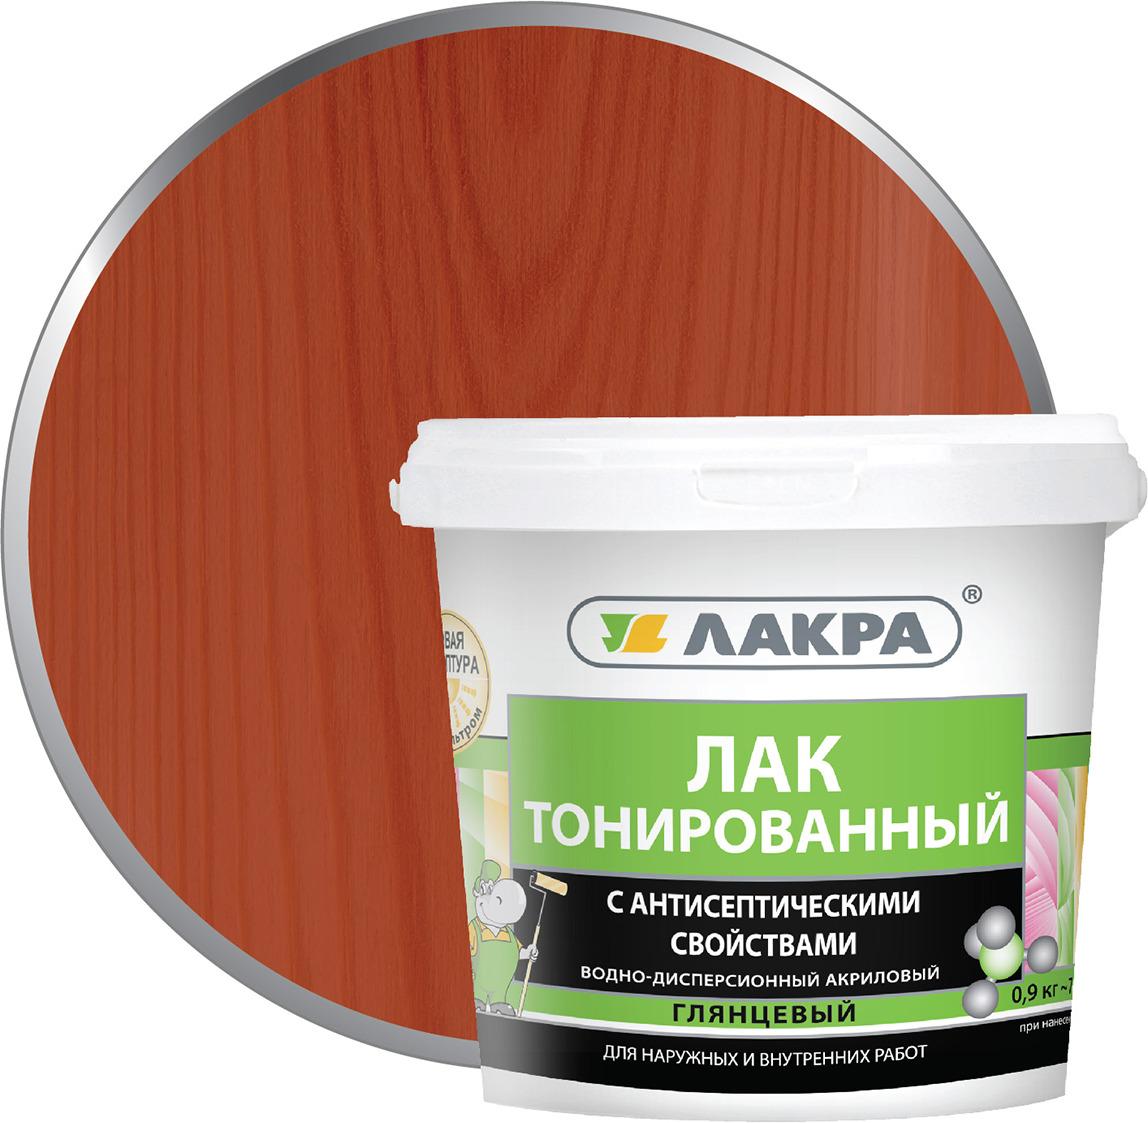 Лак Лакра, водно-дисперсионный, тонированный, 4603292005706, рябина, 0.9 кг добавка противоморозная лакра в бетон 5л